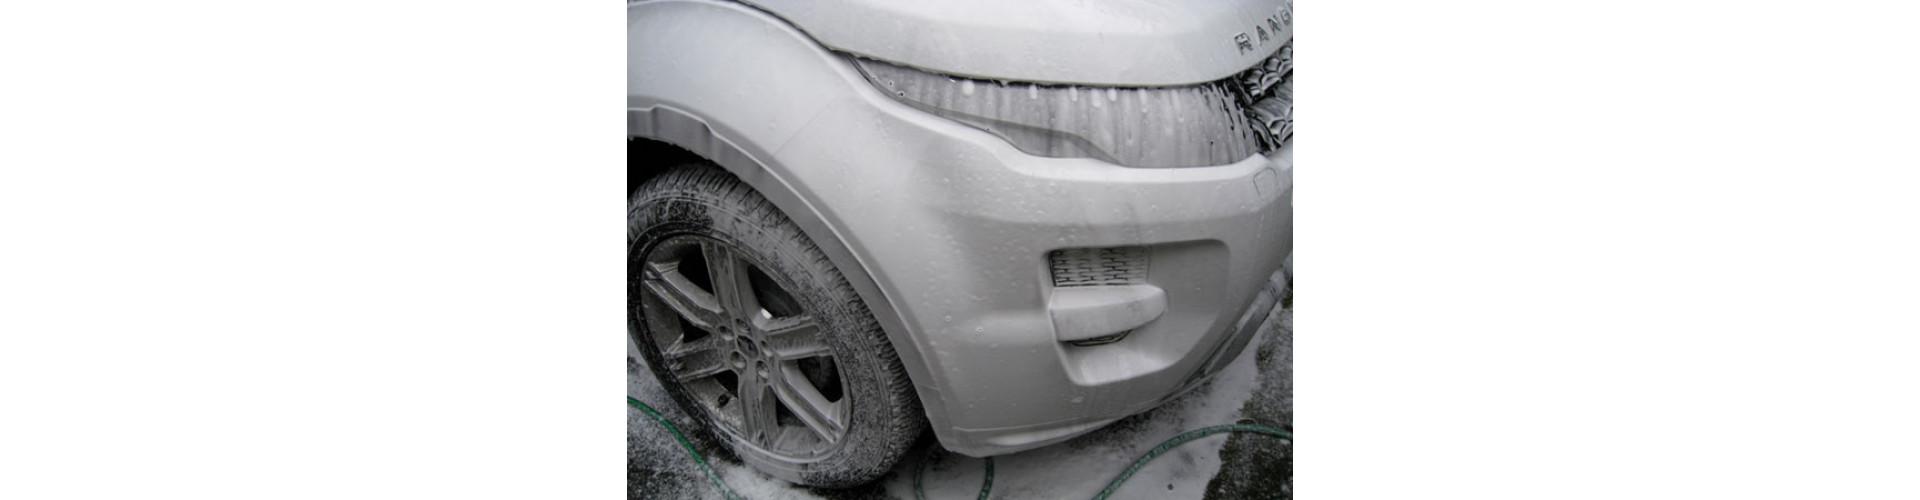 Range Rover Evoque в пене нанесенной Итальянской пенной насадки